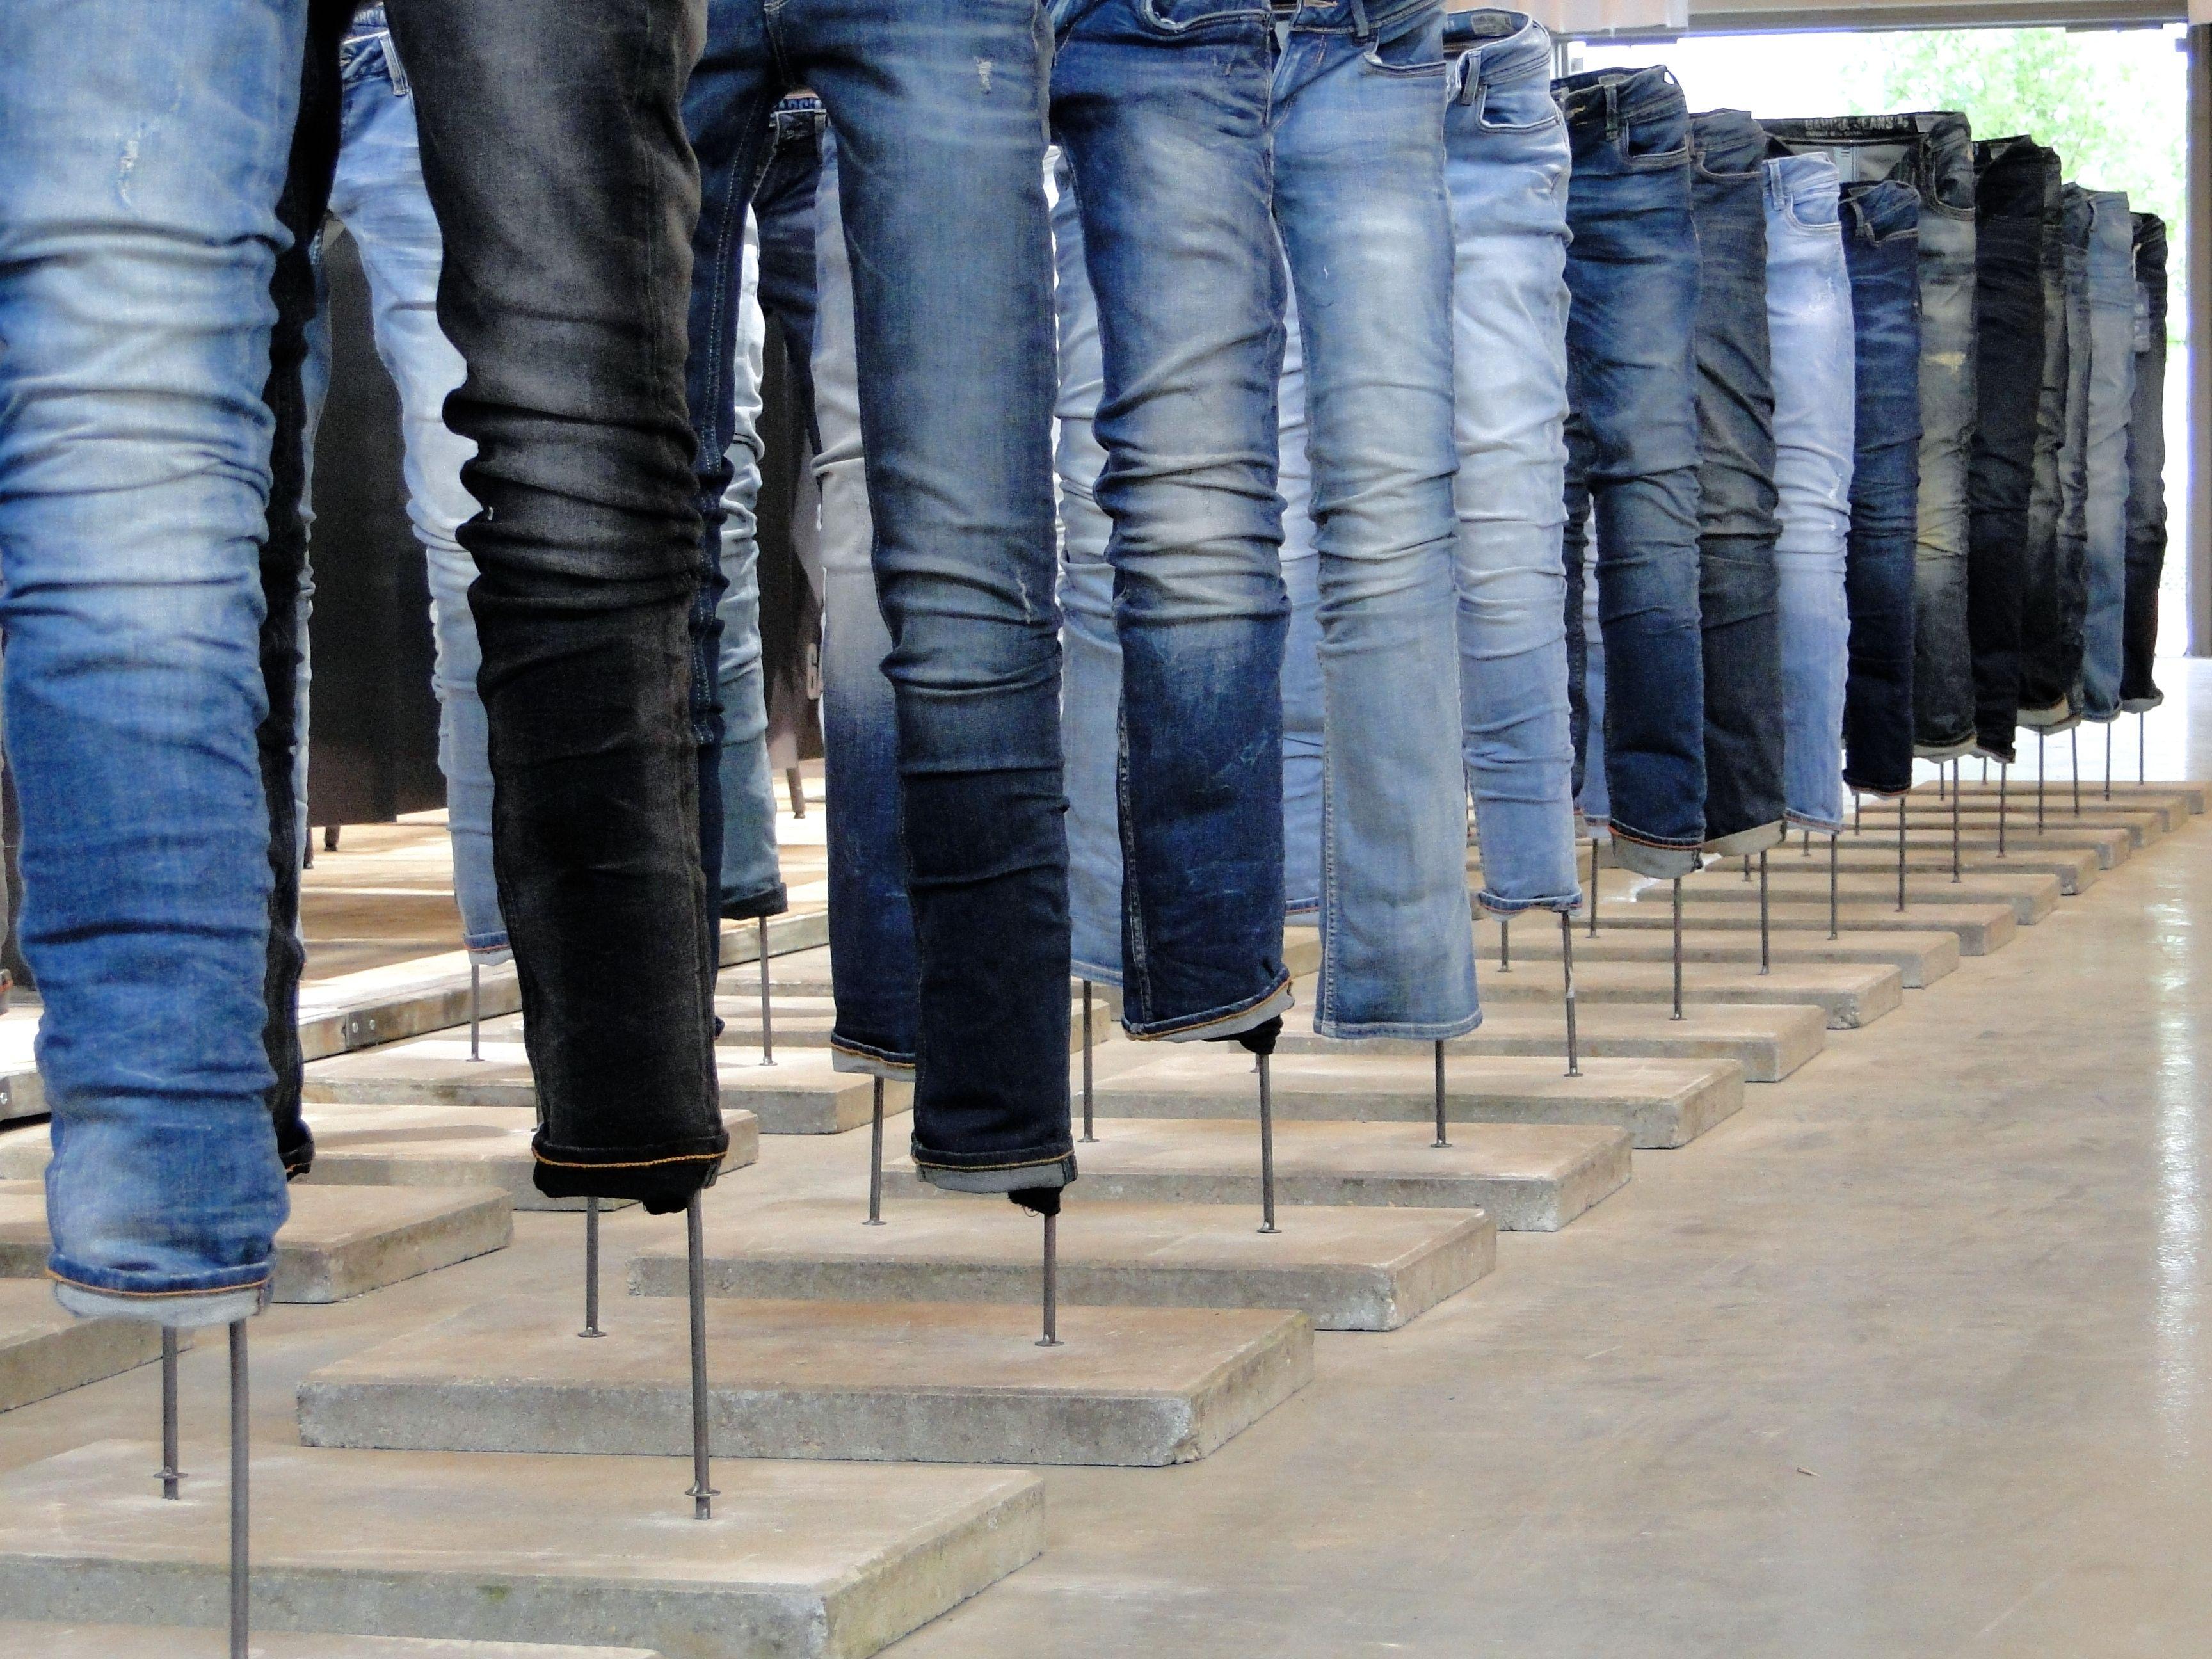 Garcia Jeans, retail design, interior design, booth, fair, CIFF Copenhagen, concept, design, production, installation, visual merchandising #denim